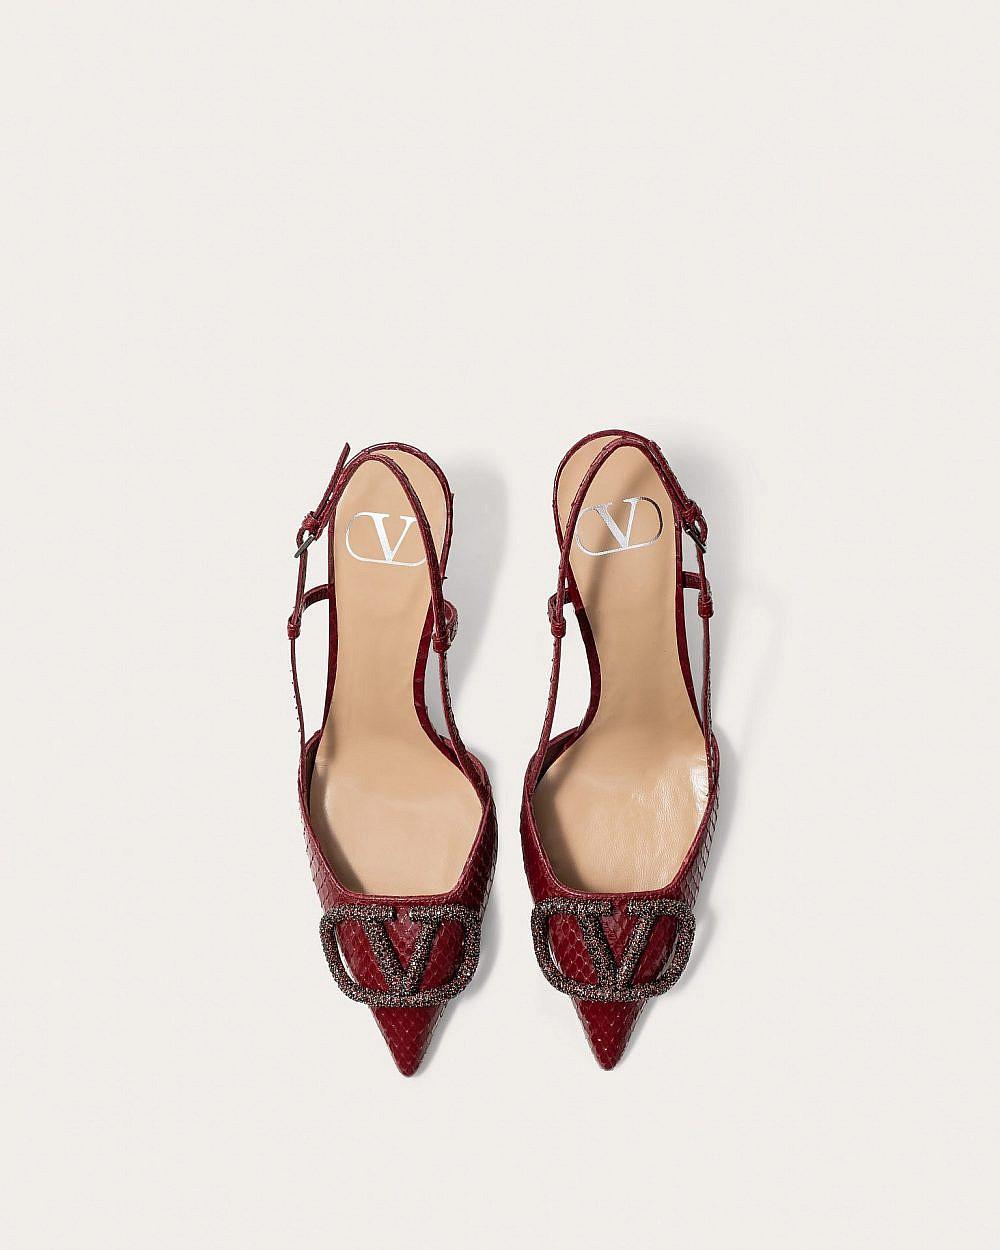 """נעליים מהקולקציית הקפסולה של ולנטינו למזרח התיכון   צילום: יח""""צ"""